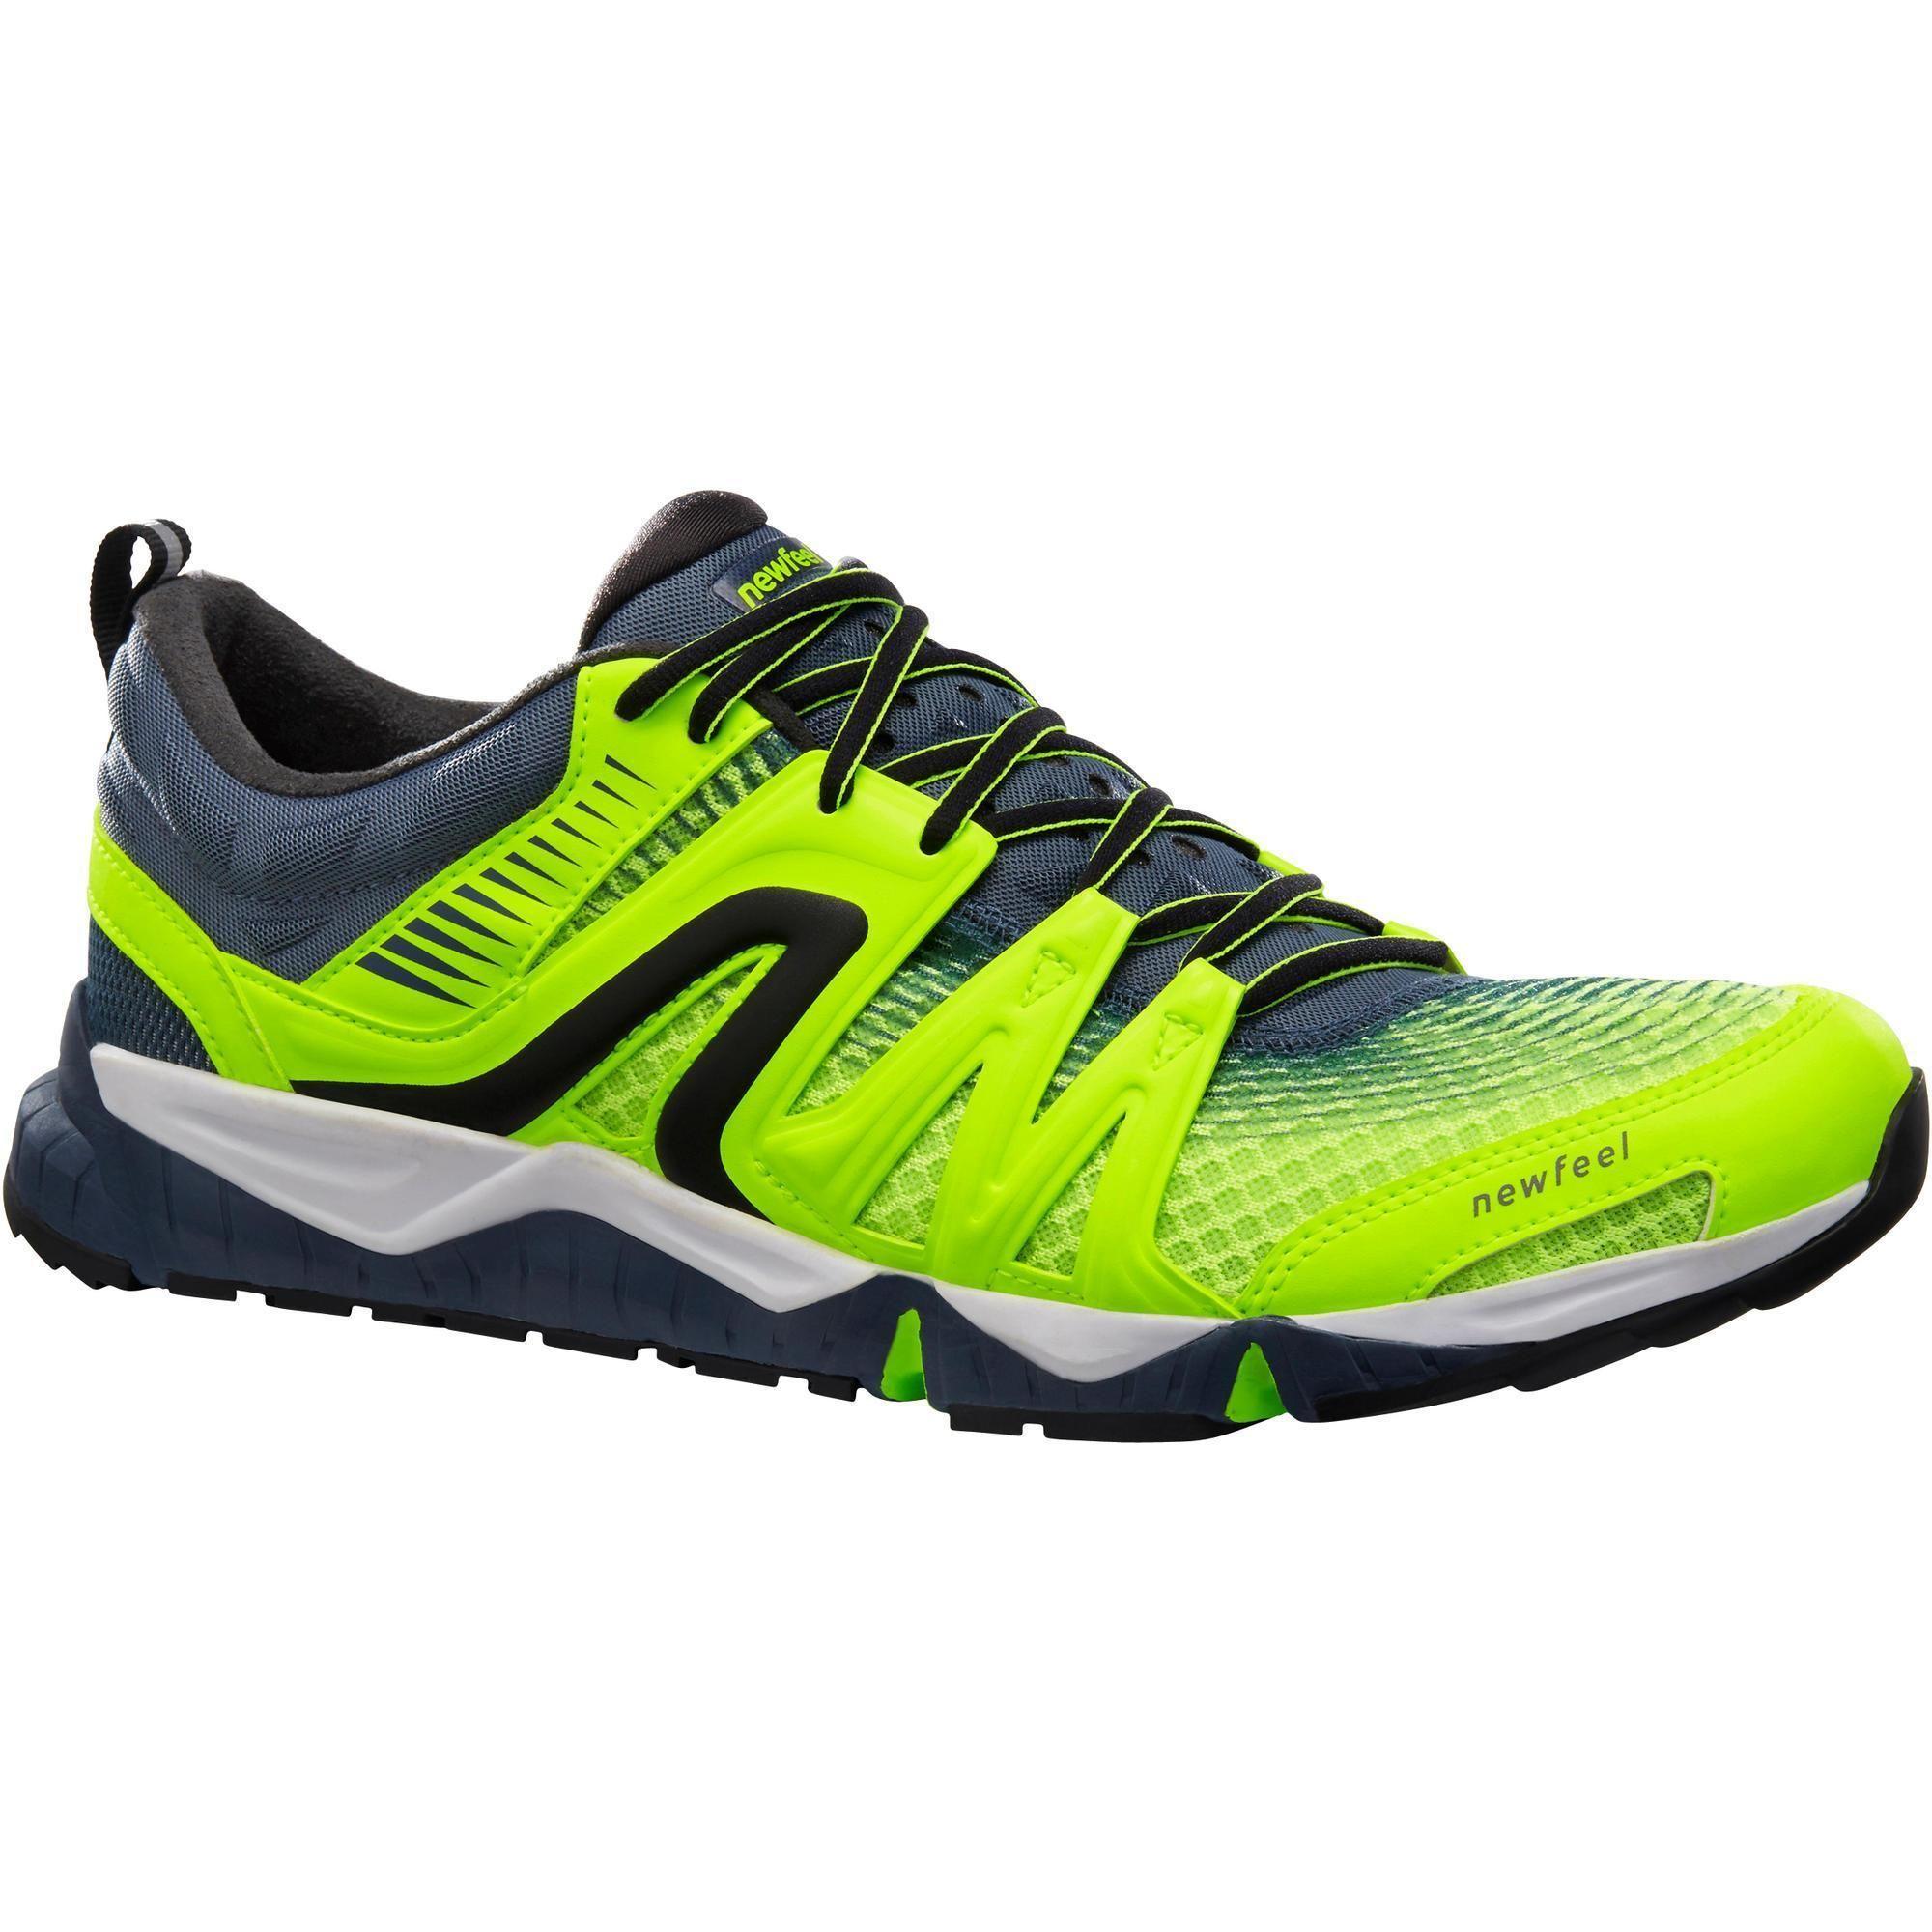 Calzado Zapatillas Para Caminar Para Todas Las Edades Todos Lo Talles Y Colores Diponibles Estos Son Los Nuevos Mode Zapatillas Zapatos De Moda Fotos De Moda